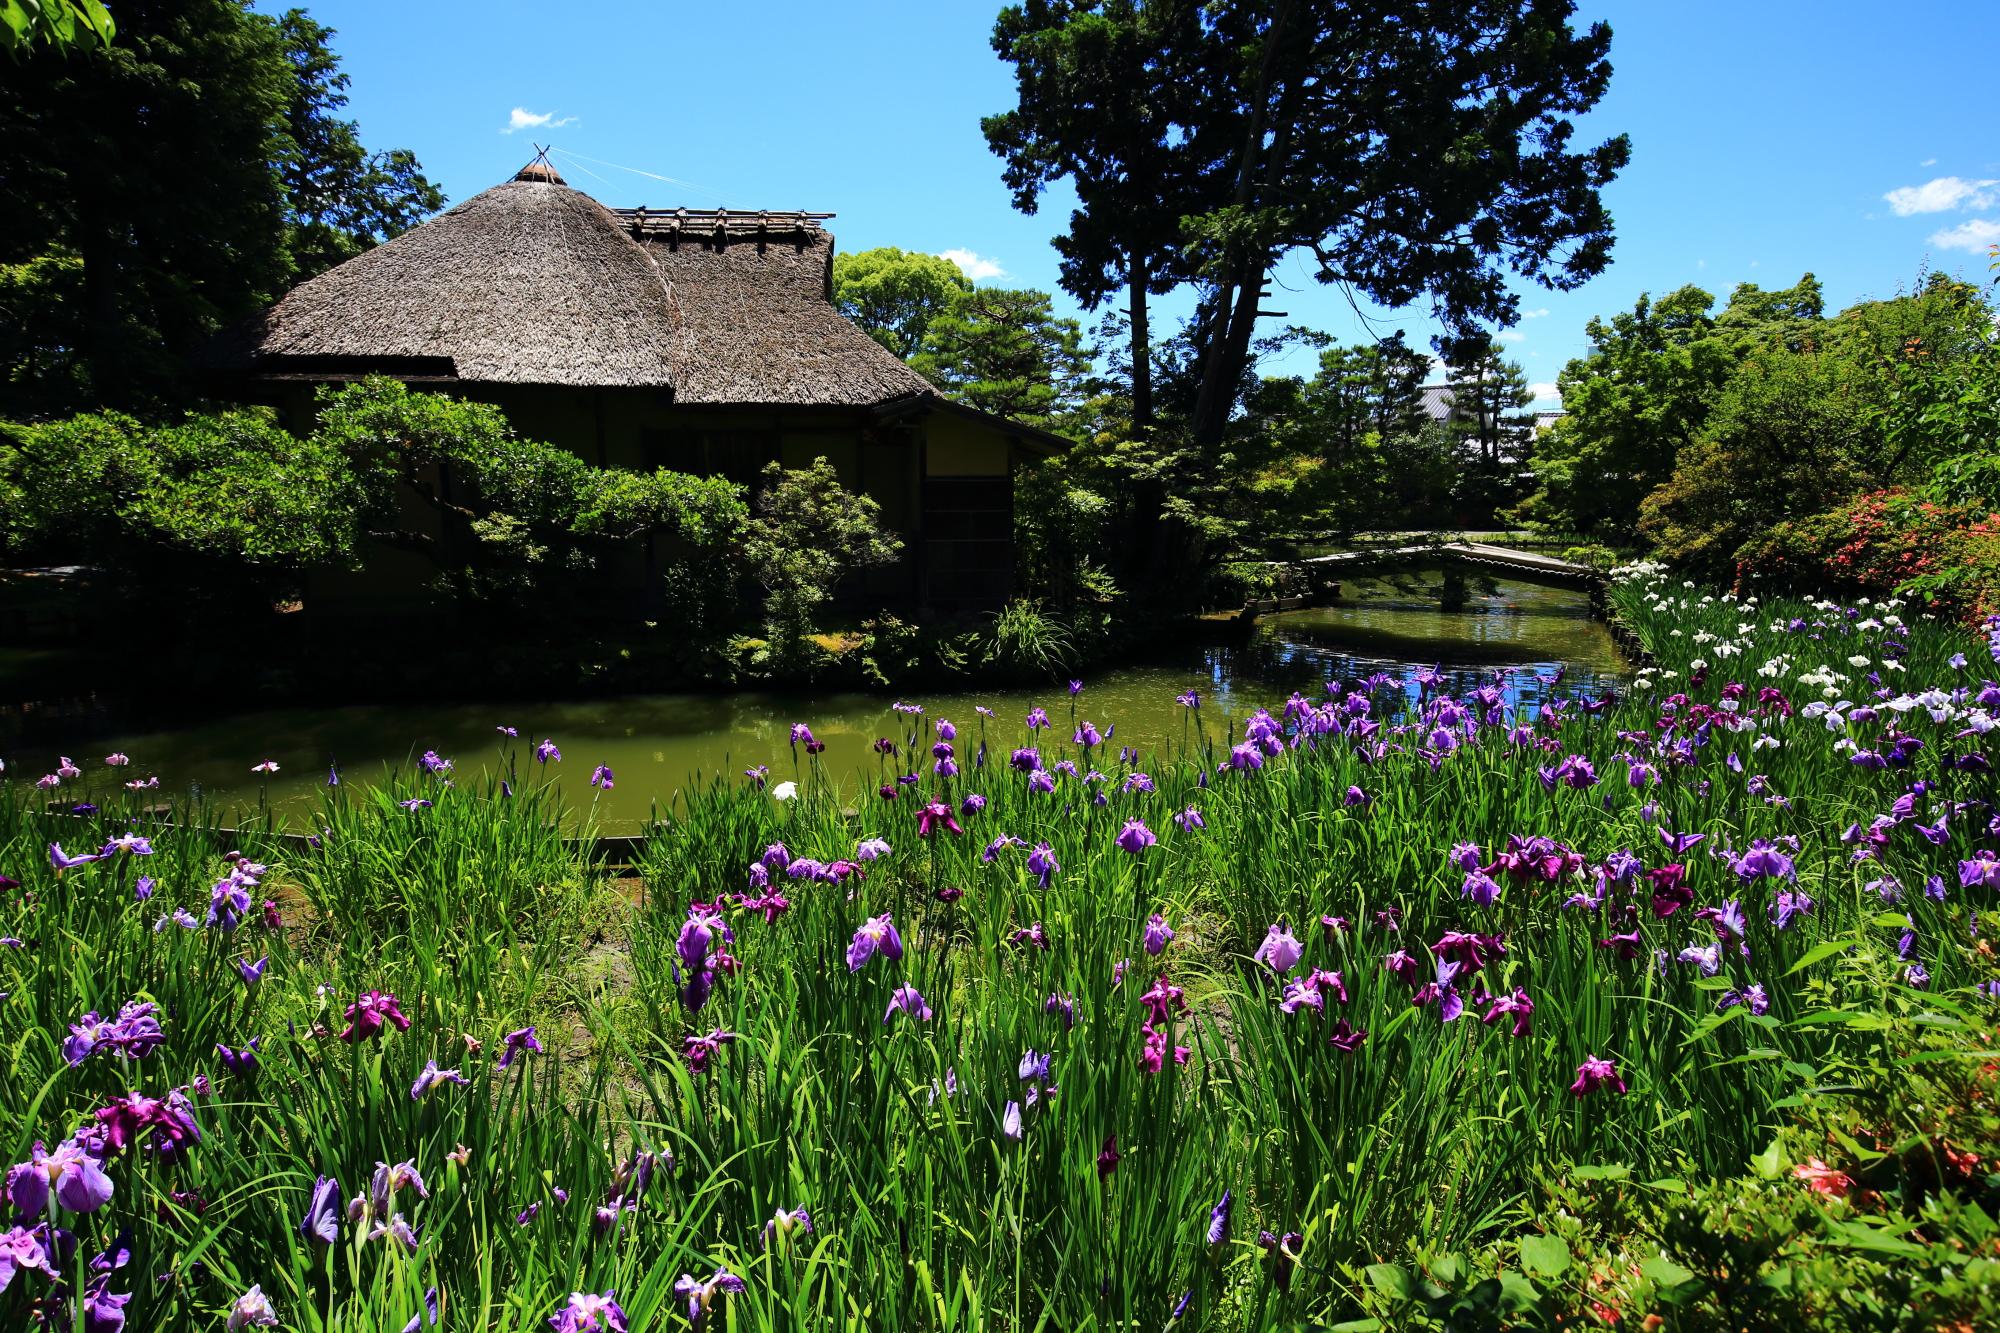 華やかさの中にも風情が感じられる梅宮大社の池中亭と花菖蒲